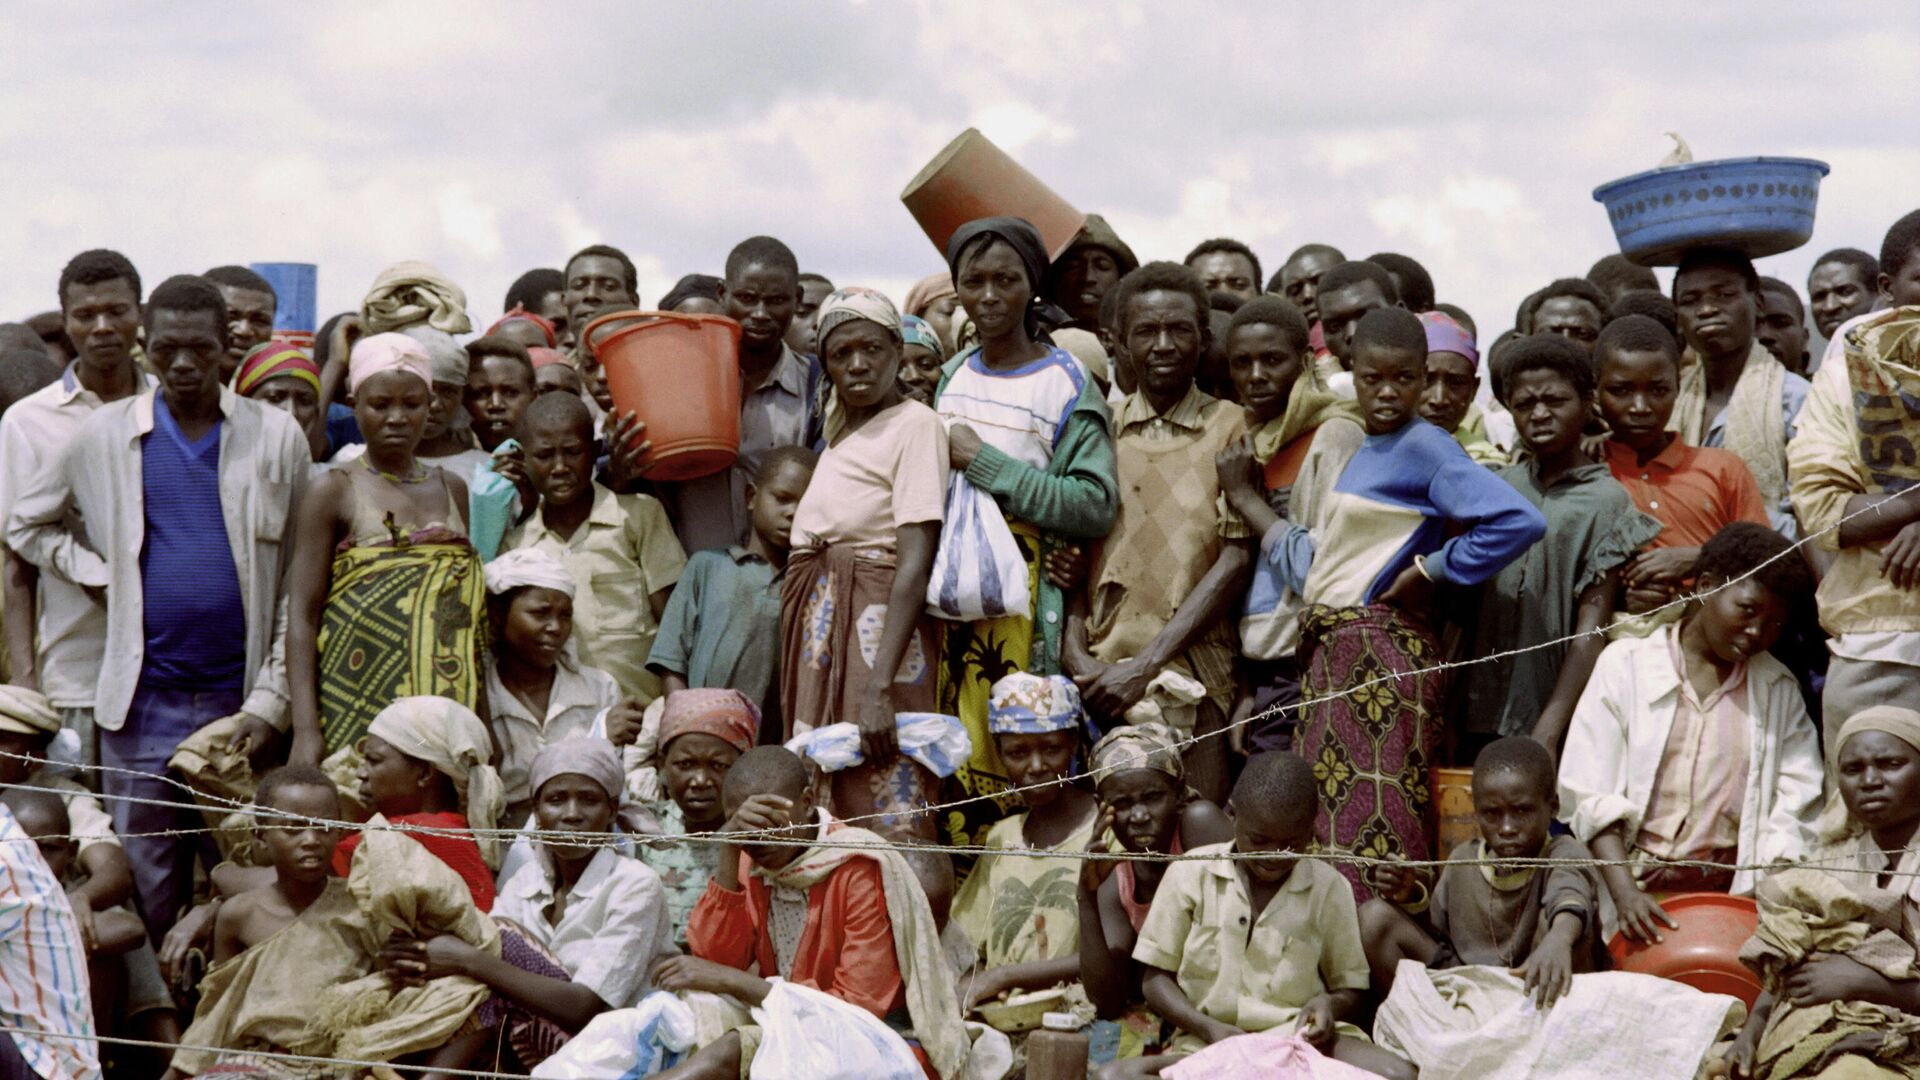 Refugiados de Ruanda (archivo) - Sputnik Mundo, 1920, 27.05.2021